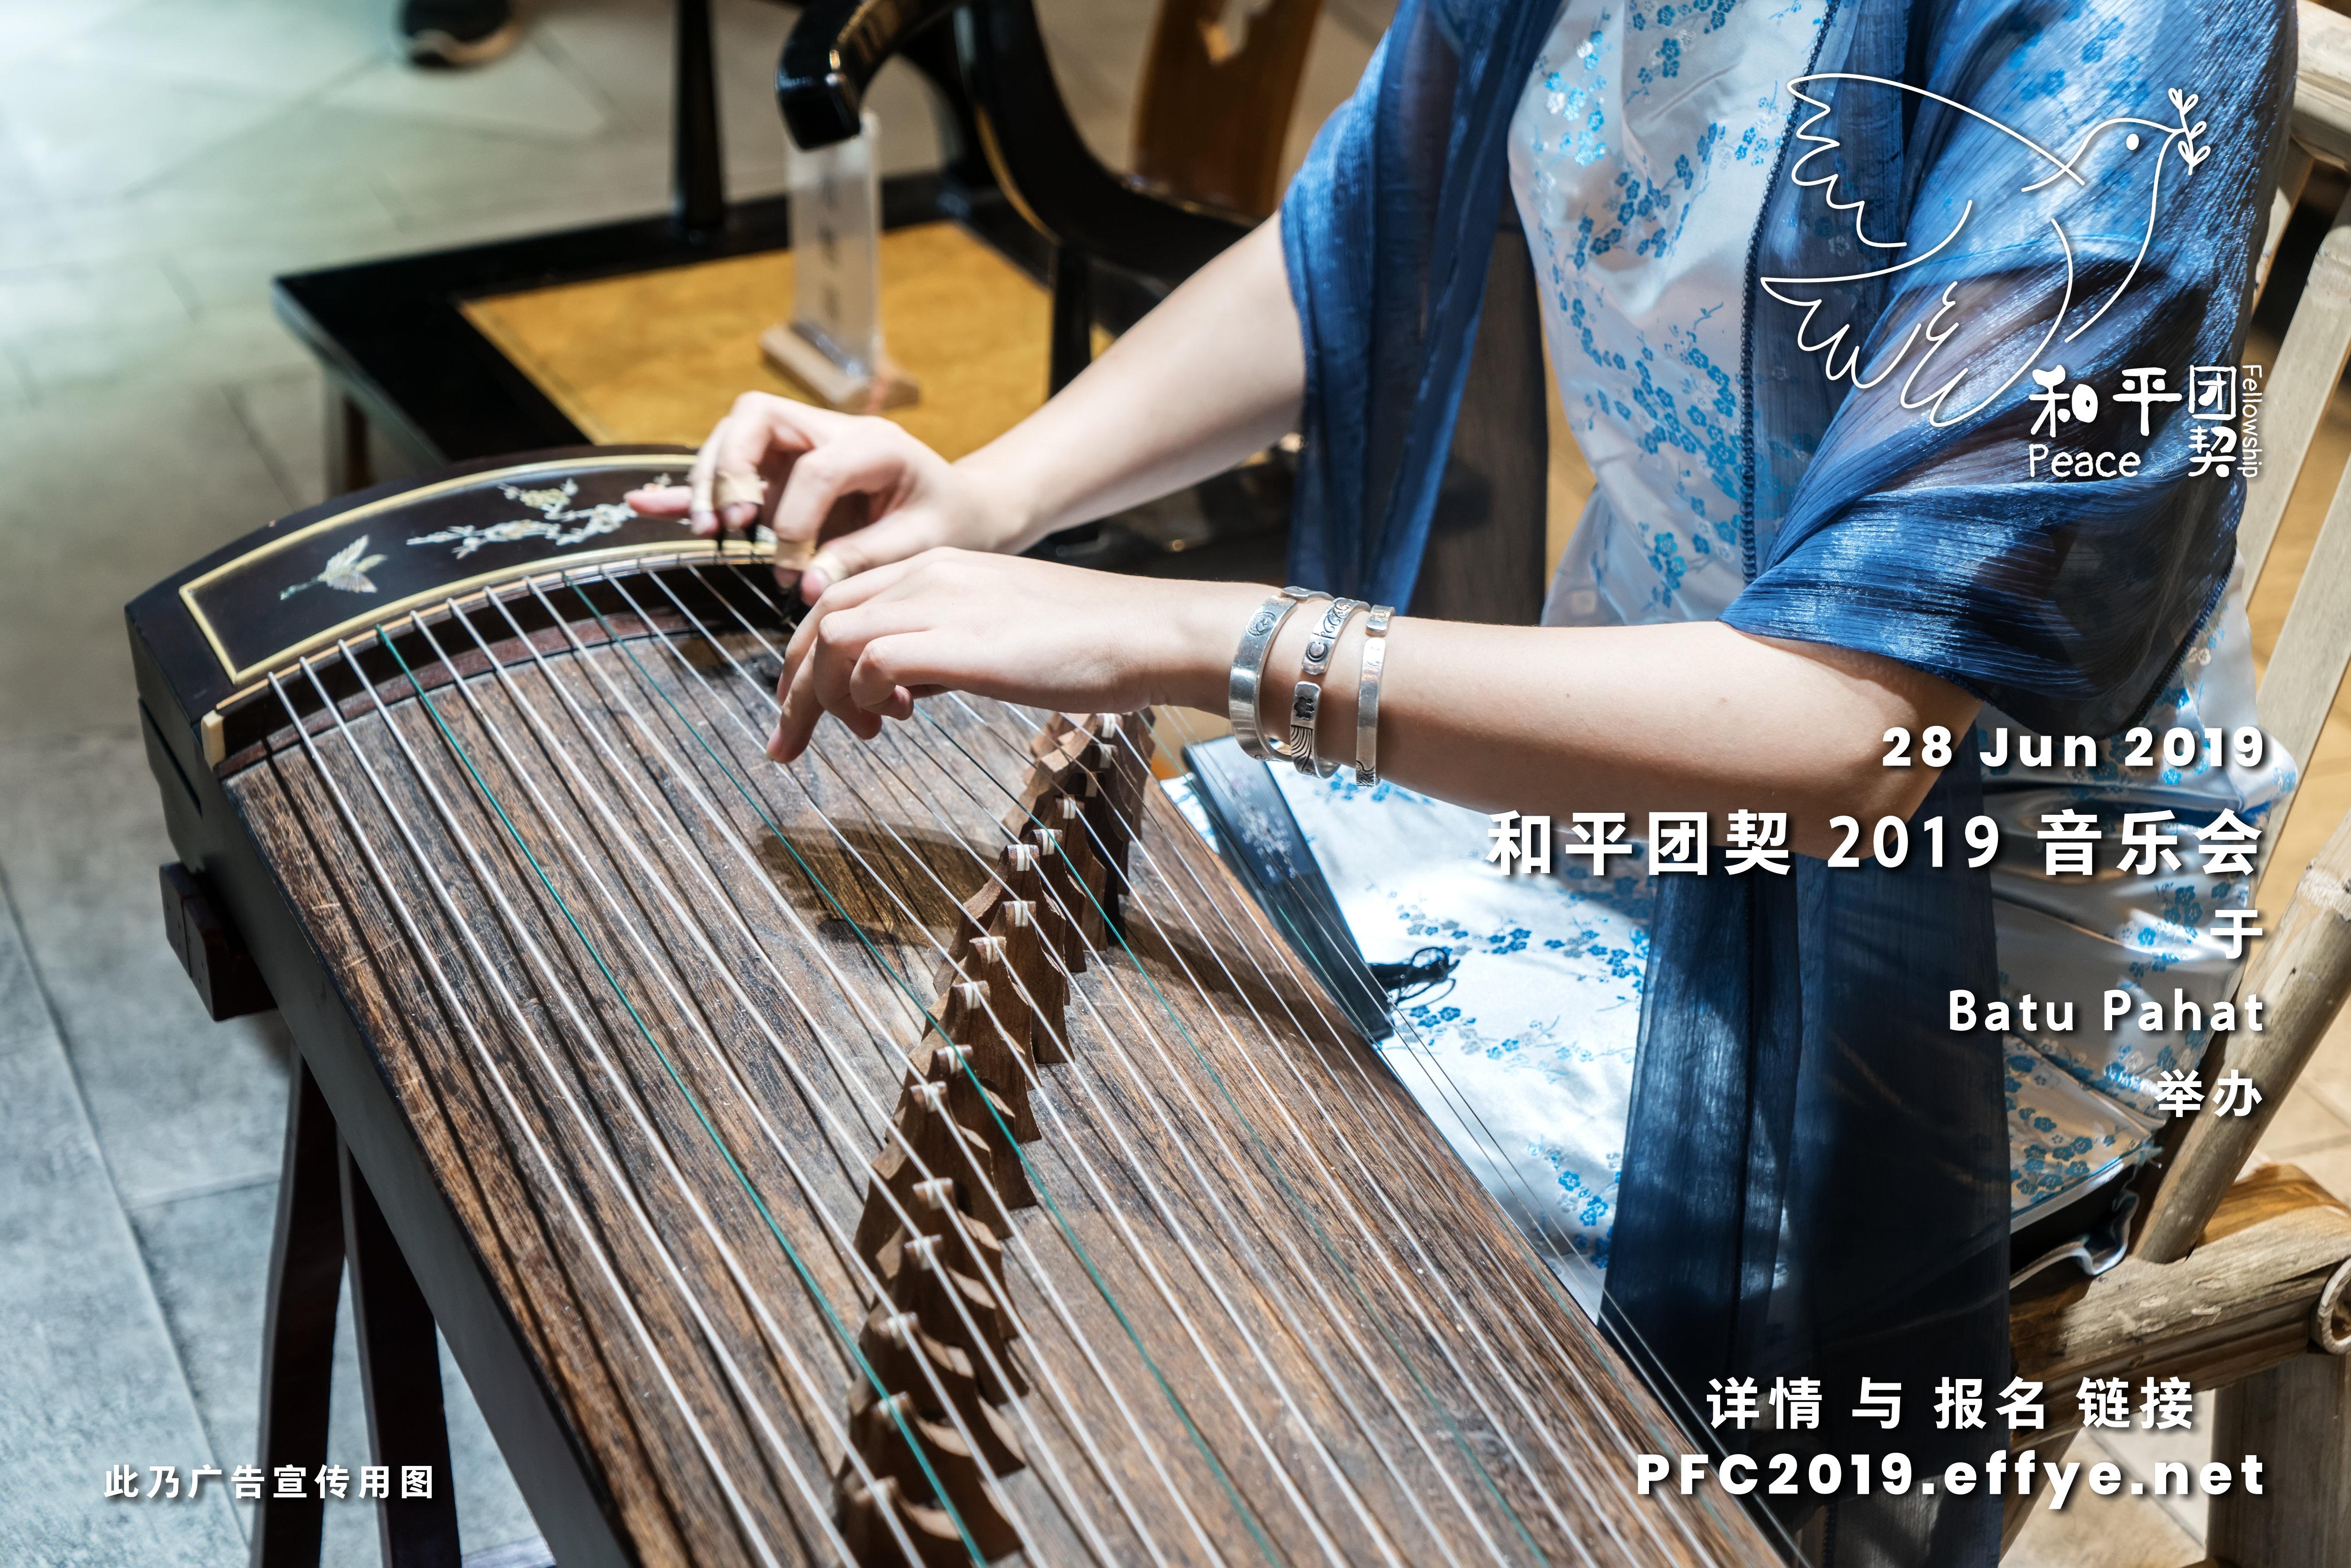 峇株巴辖 音乐会 和平团契 少年团 2019 音乐会 2019年 6月 28日 钢琴 吉他 小提琴 大提琴 古筝 独唱 Peace Fellowship 2019 Concert at Batu Pahat Piana Guitar Violin Cello GuZheng Singing A002